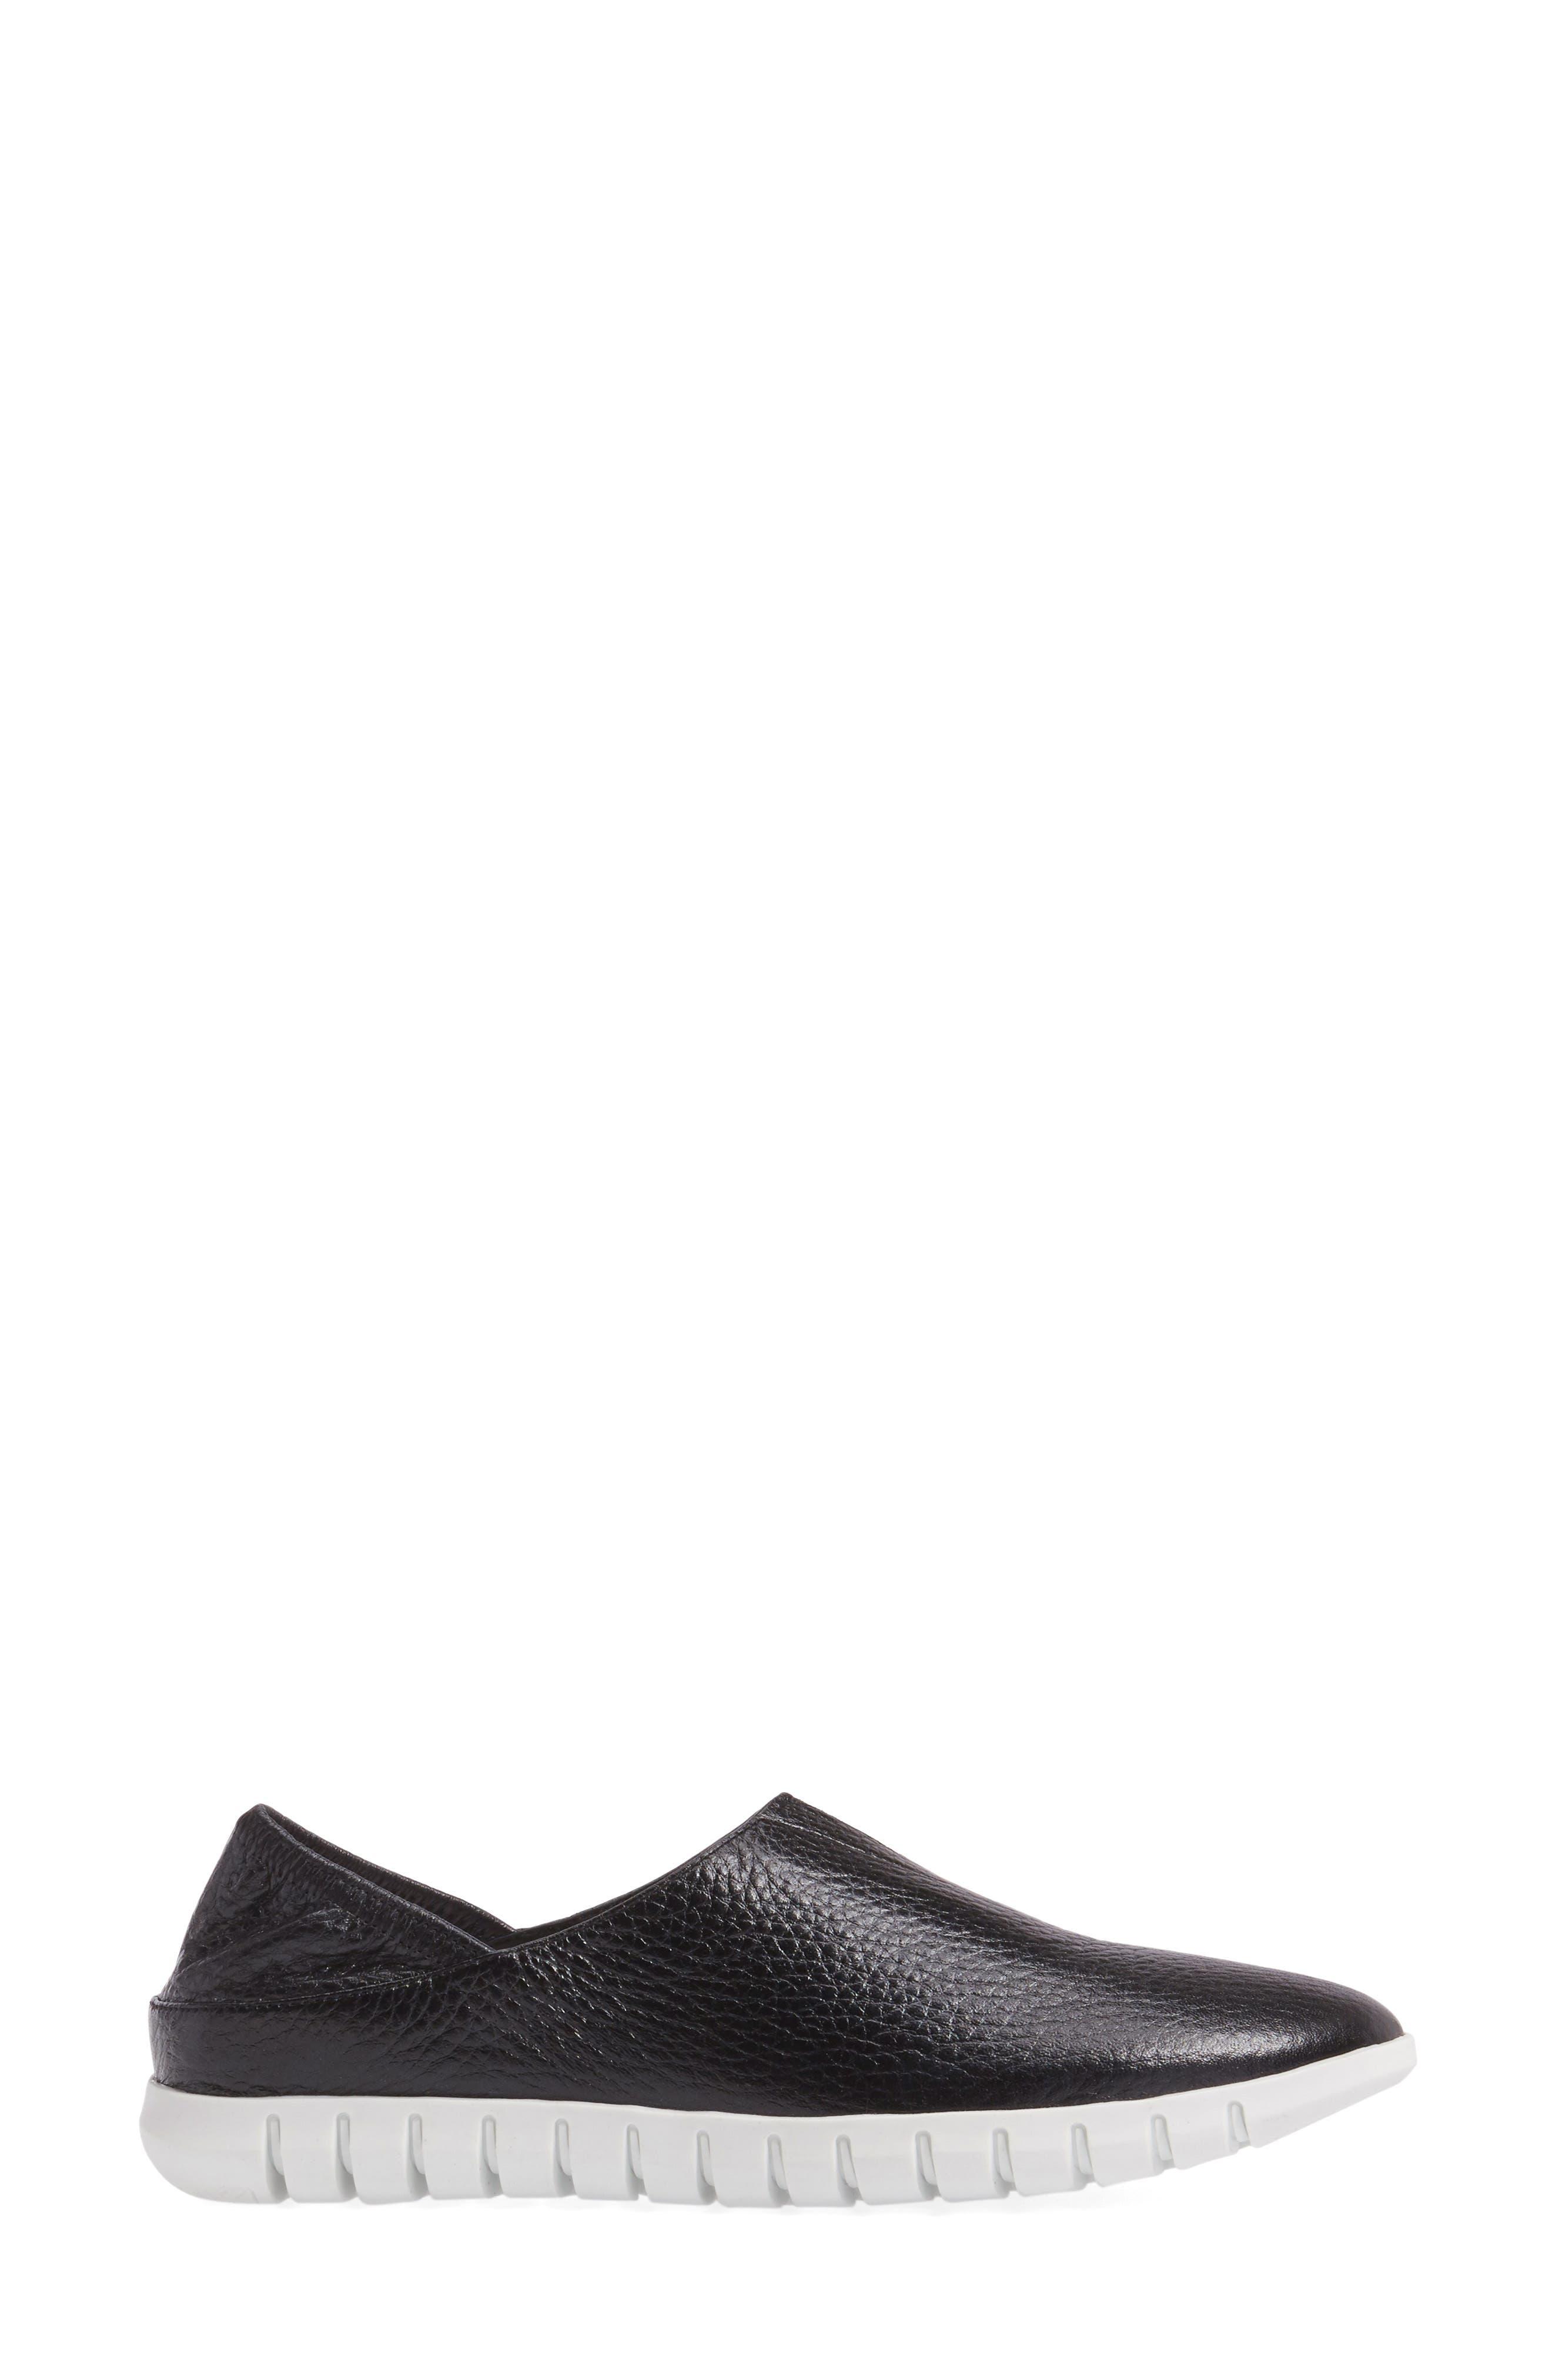 Kim Slip-On Sneaker,                             Alternate thumbnail 3, color,                             Black Leather